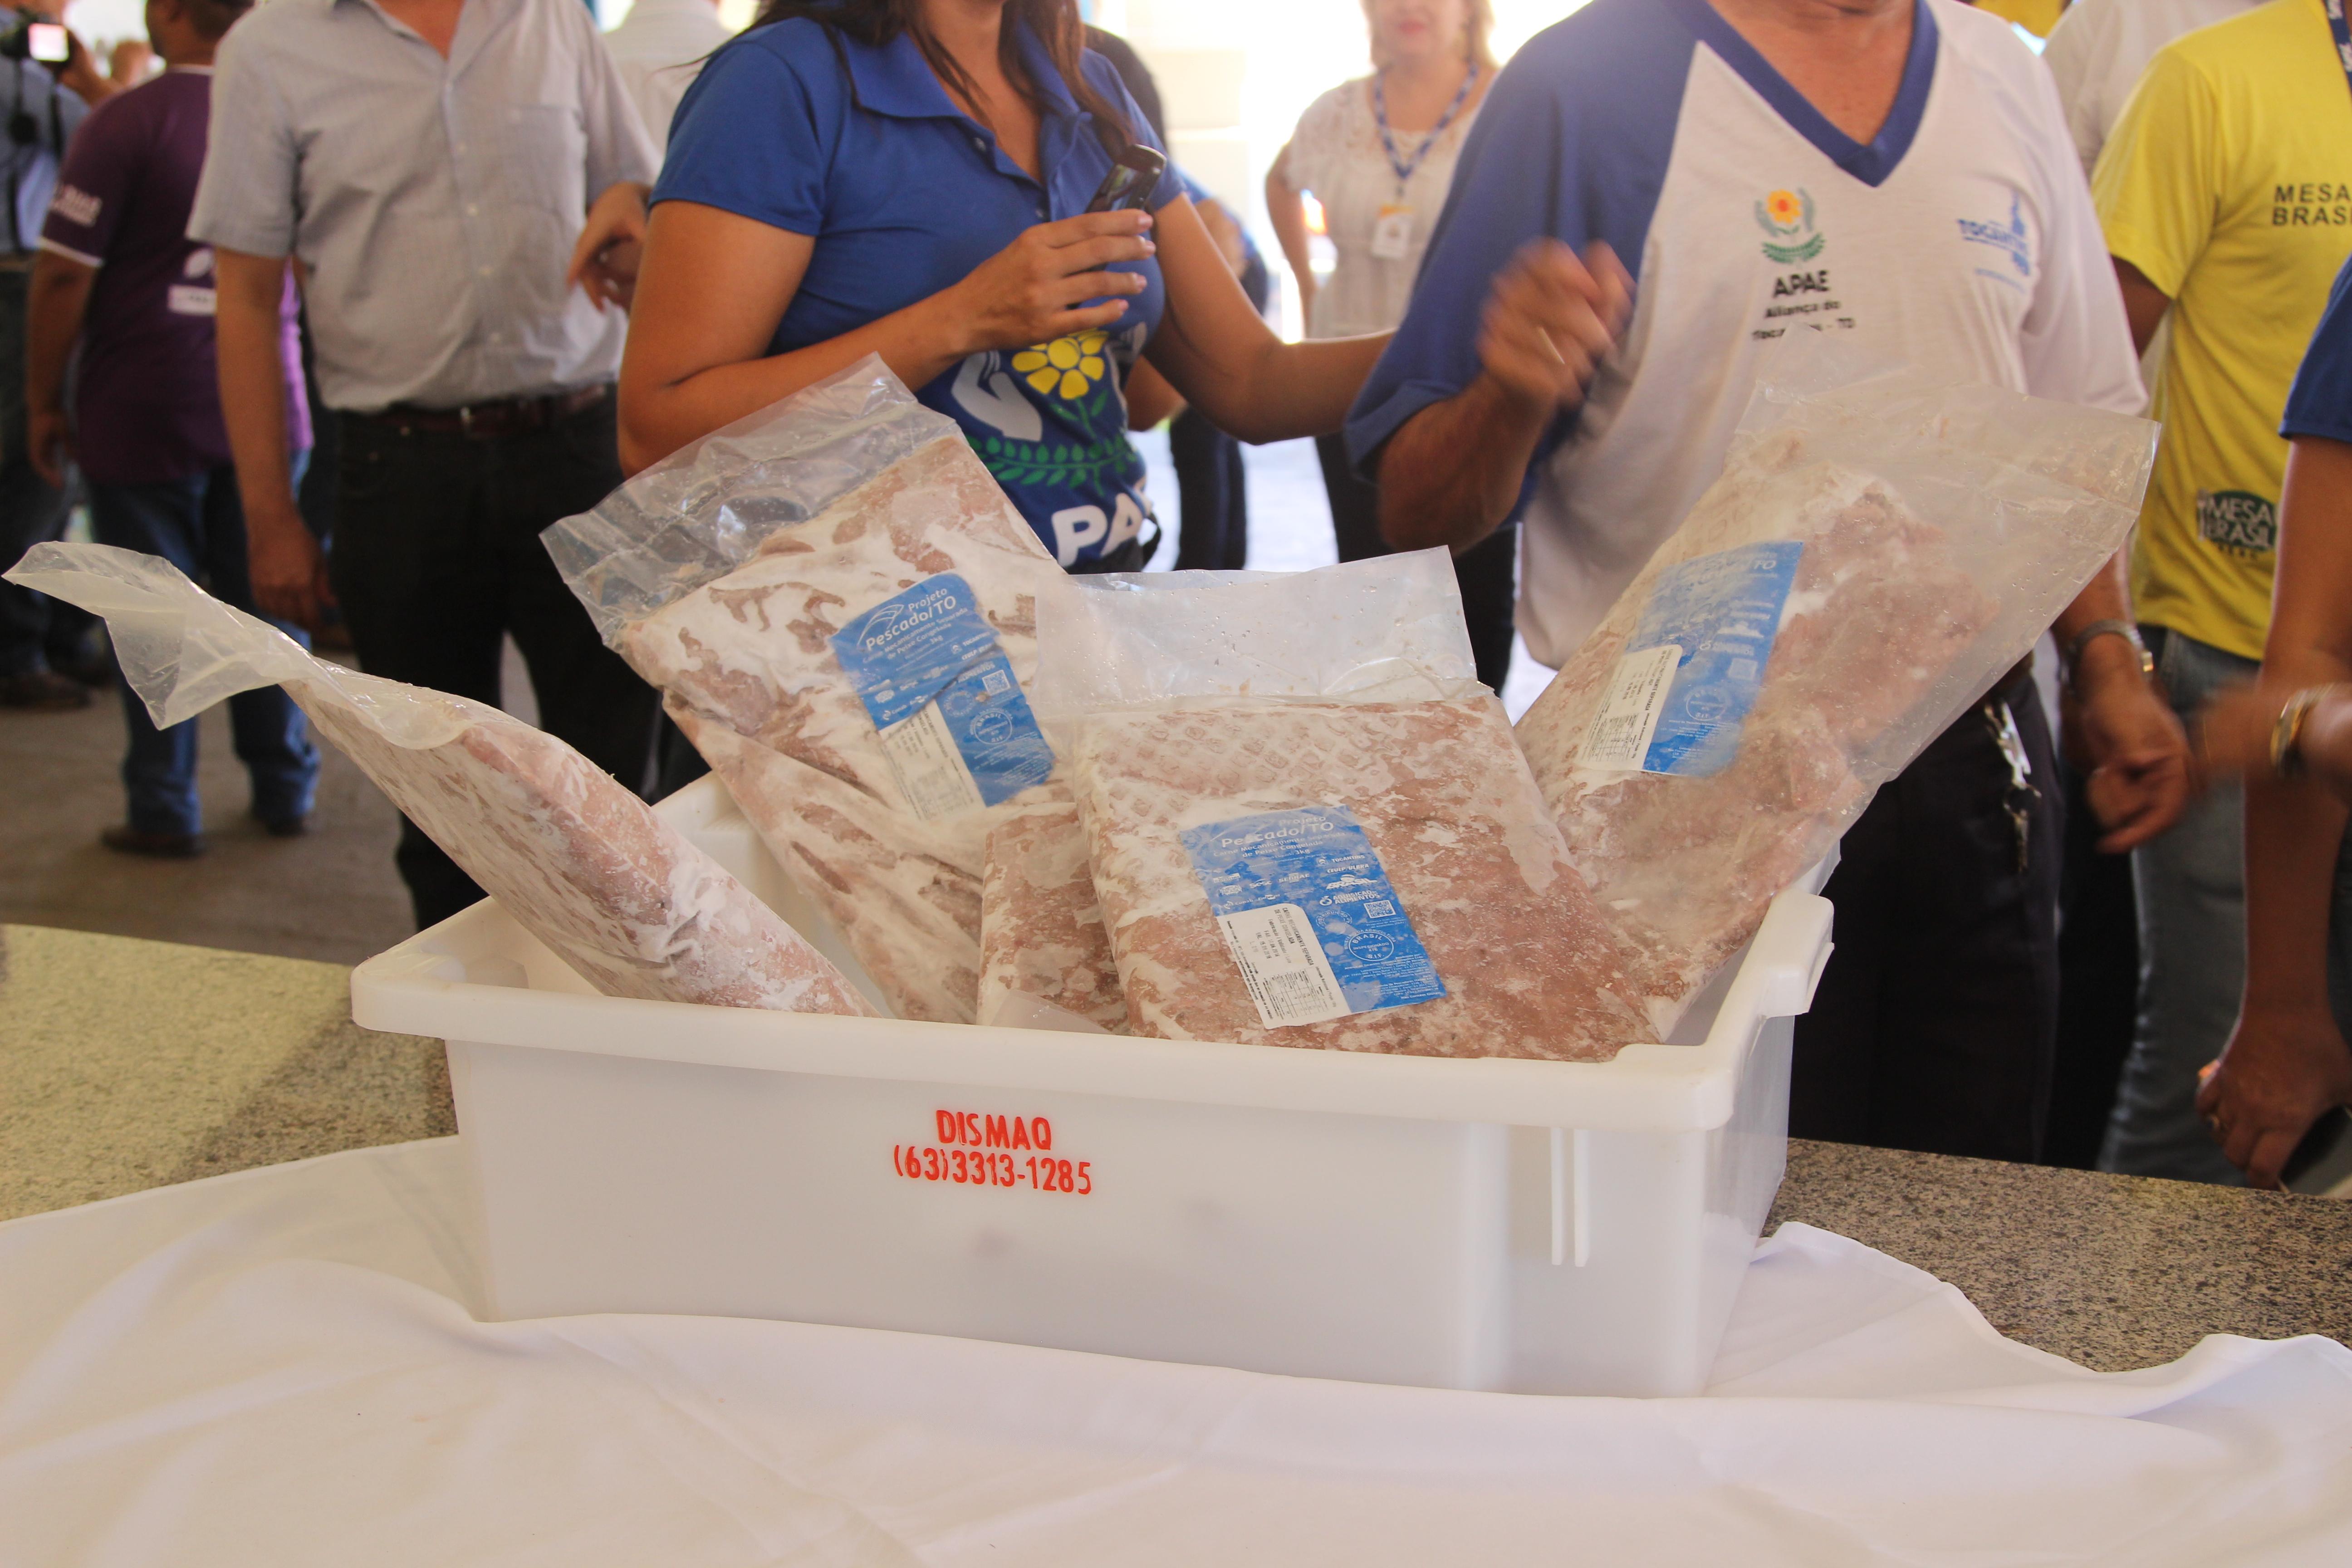 Clenio Araujo - A carne do peixe chegou às escolas sem espinhas